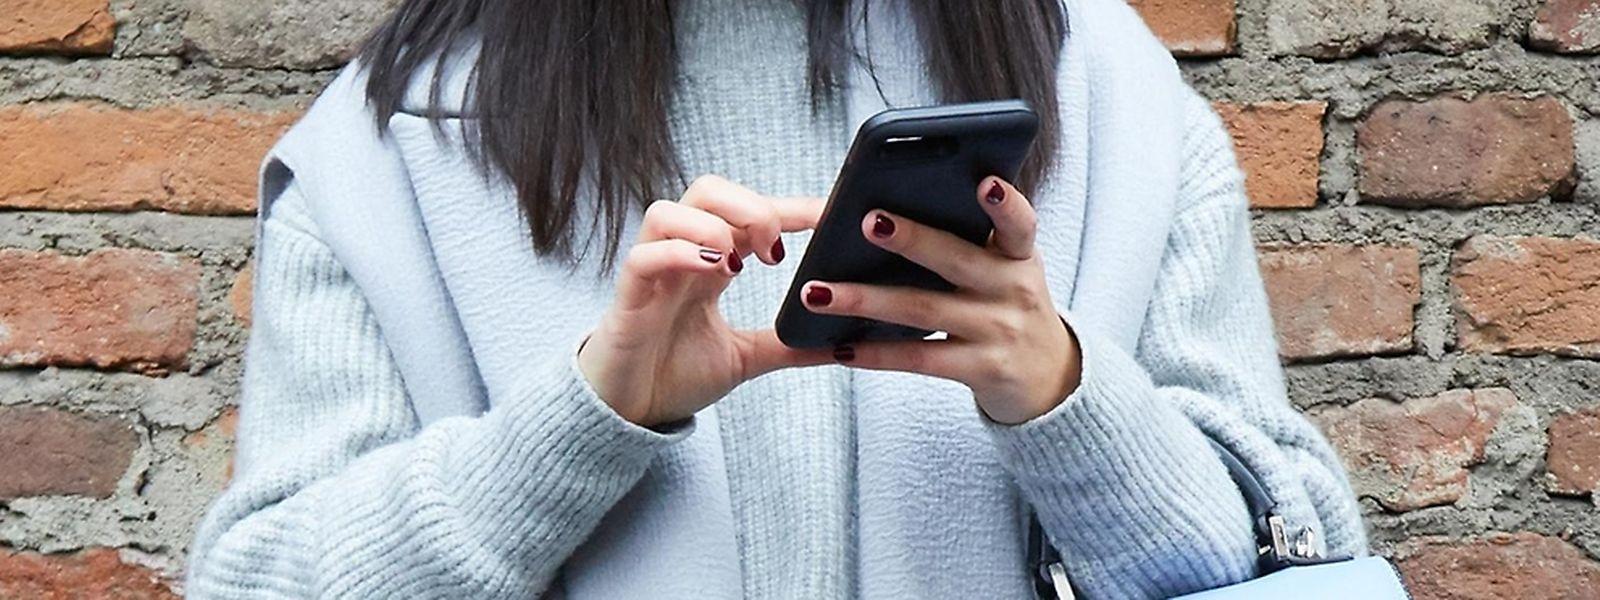 Sieben Smartphones im Redaktionscheck.